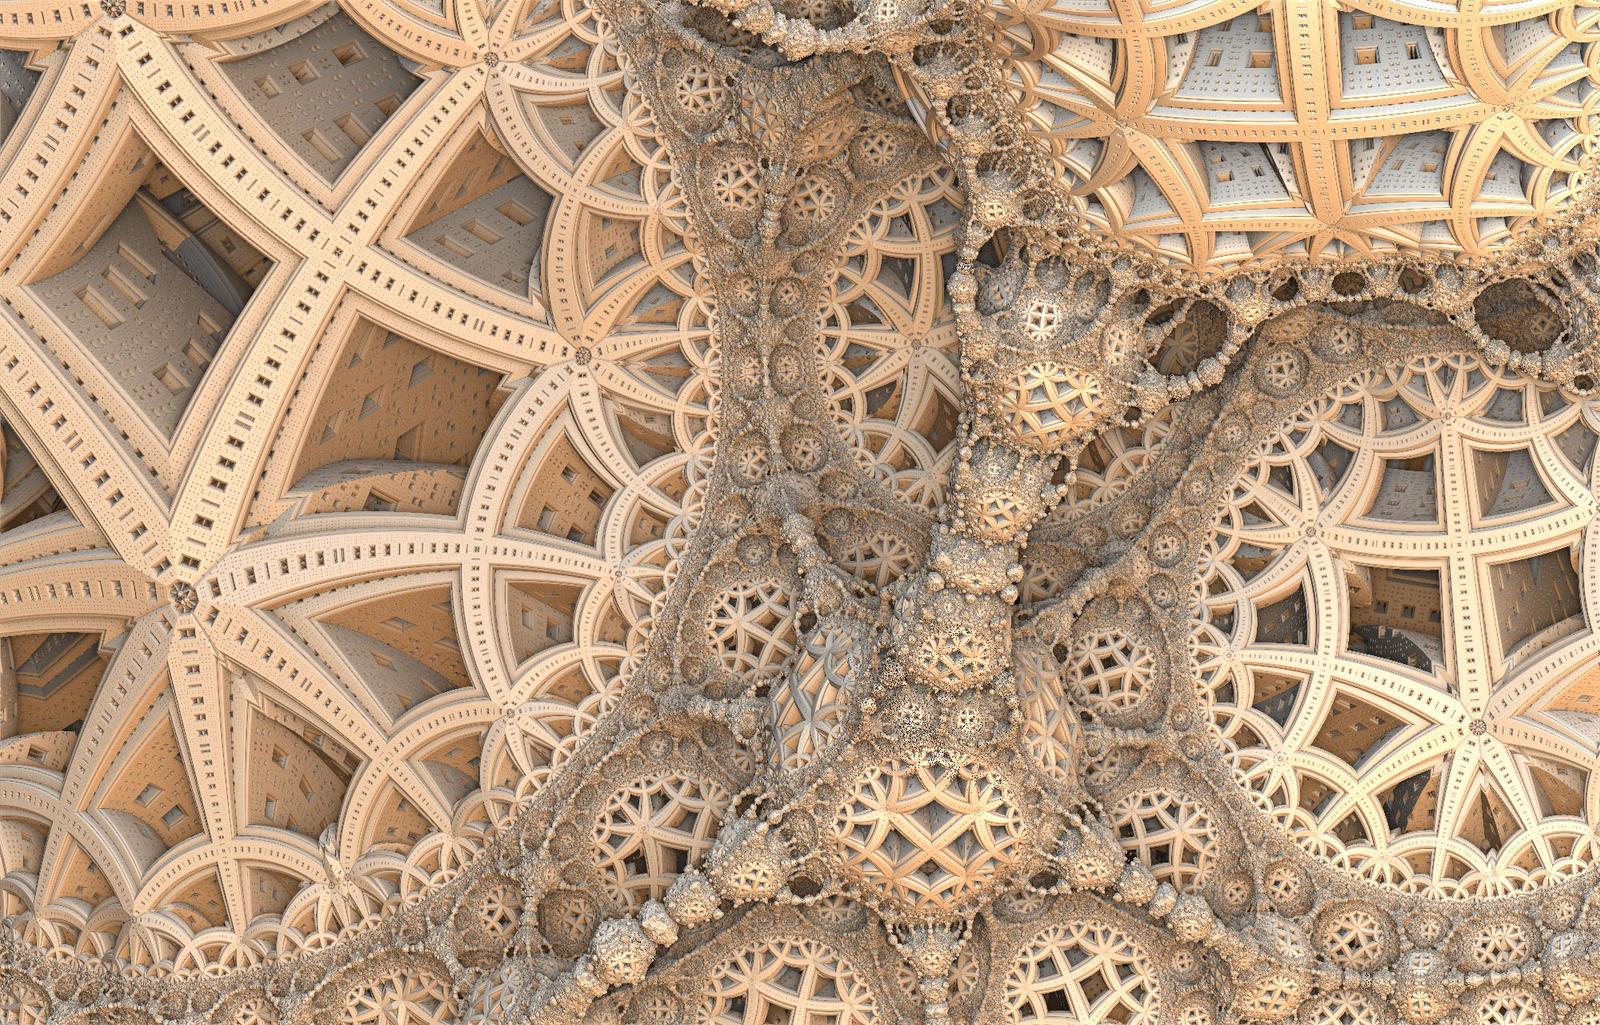 Escher's sand clock